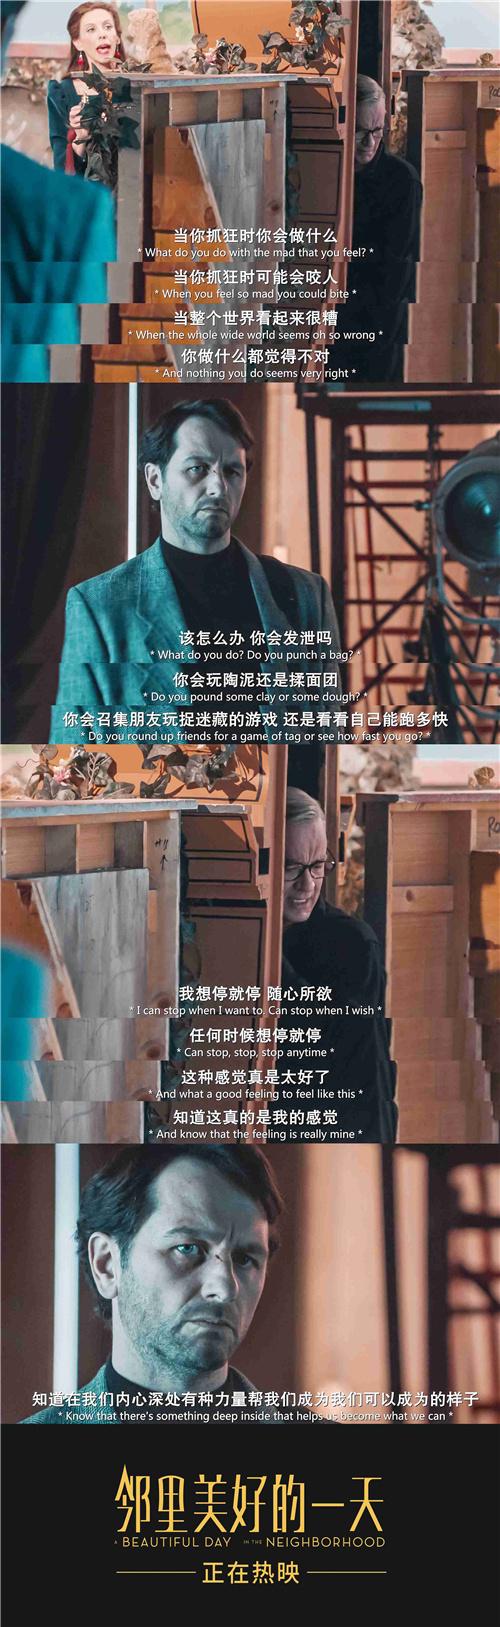 《邻里美妙的一天》公映 汤姆·汉克斯变金句王 第4张